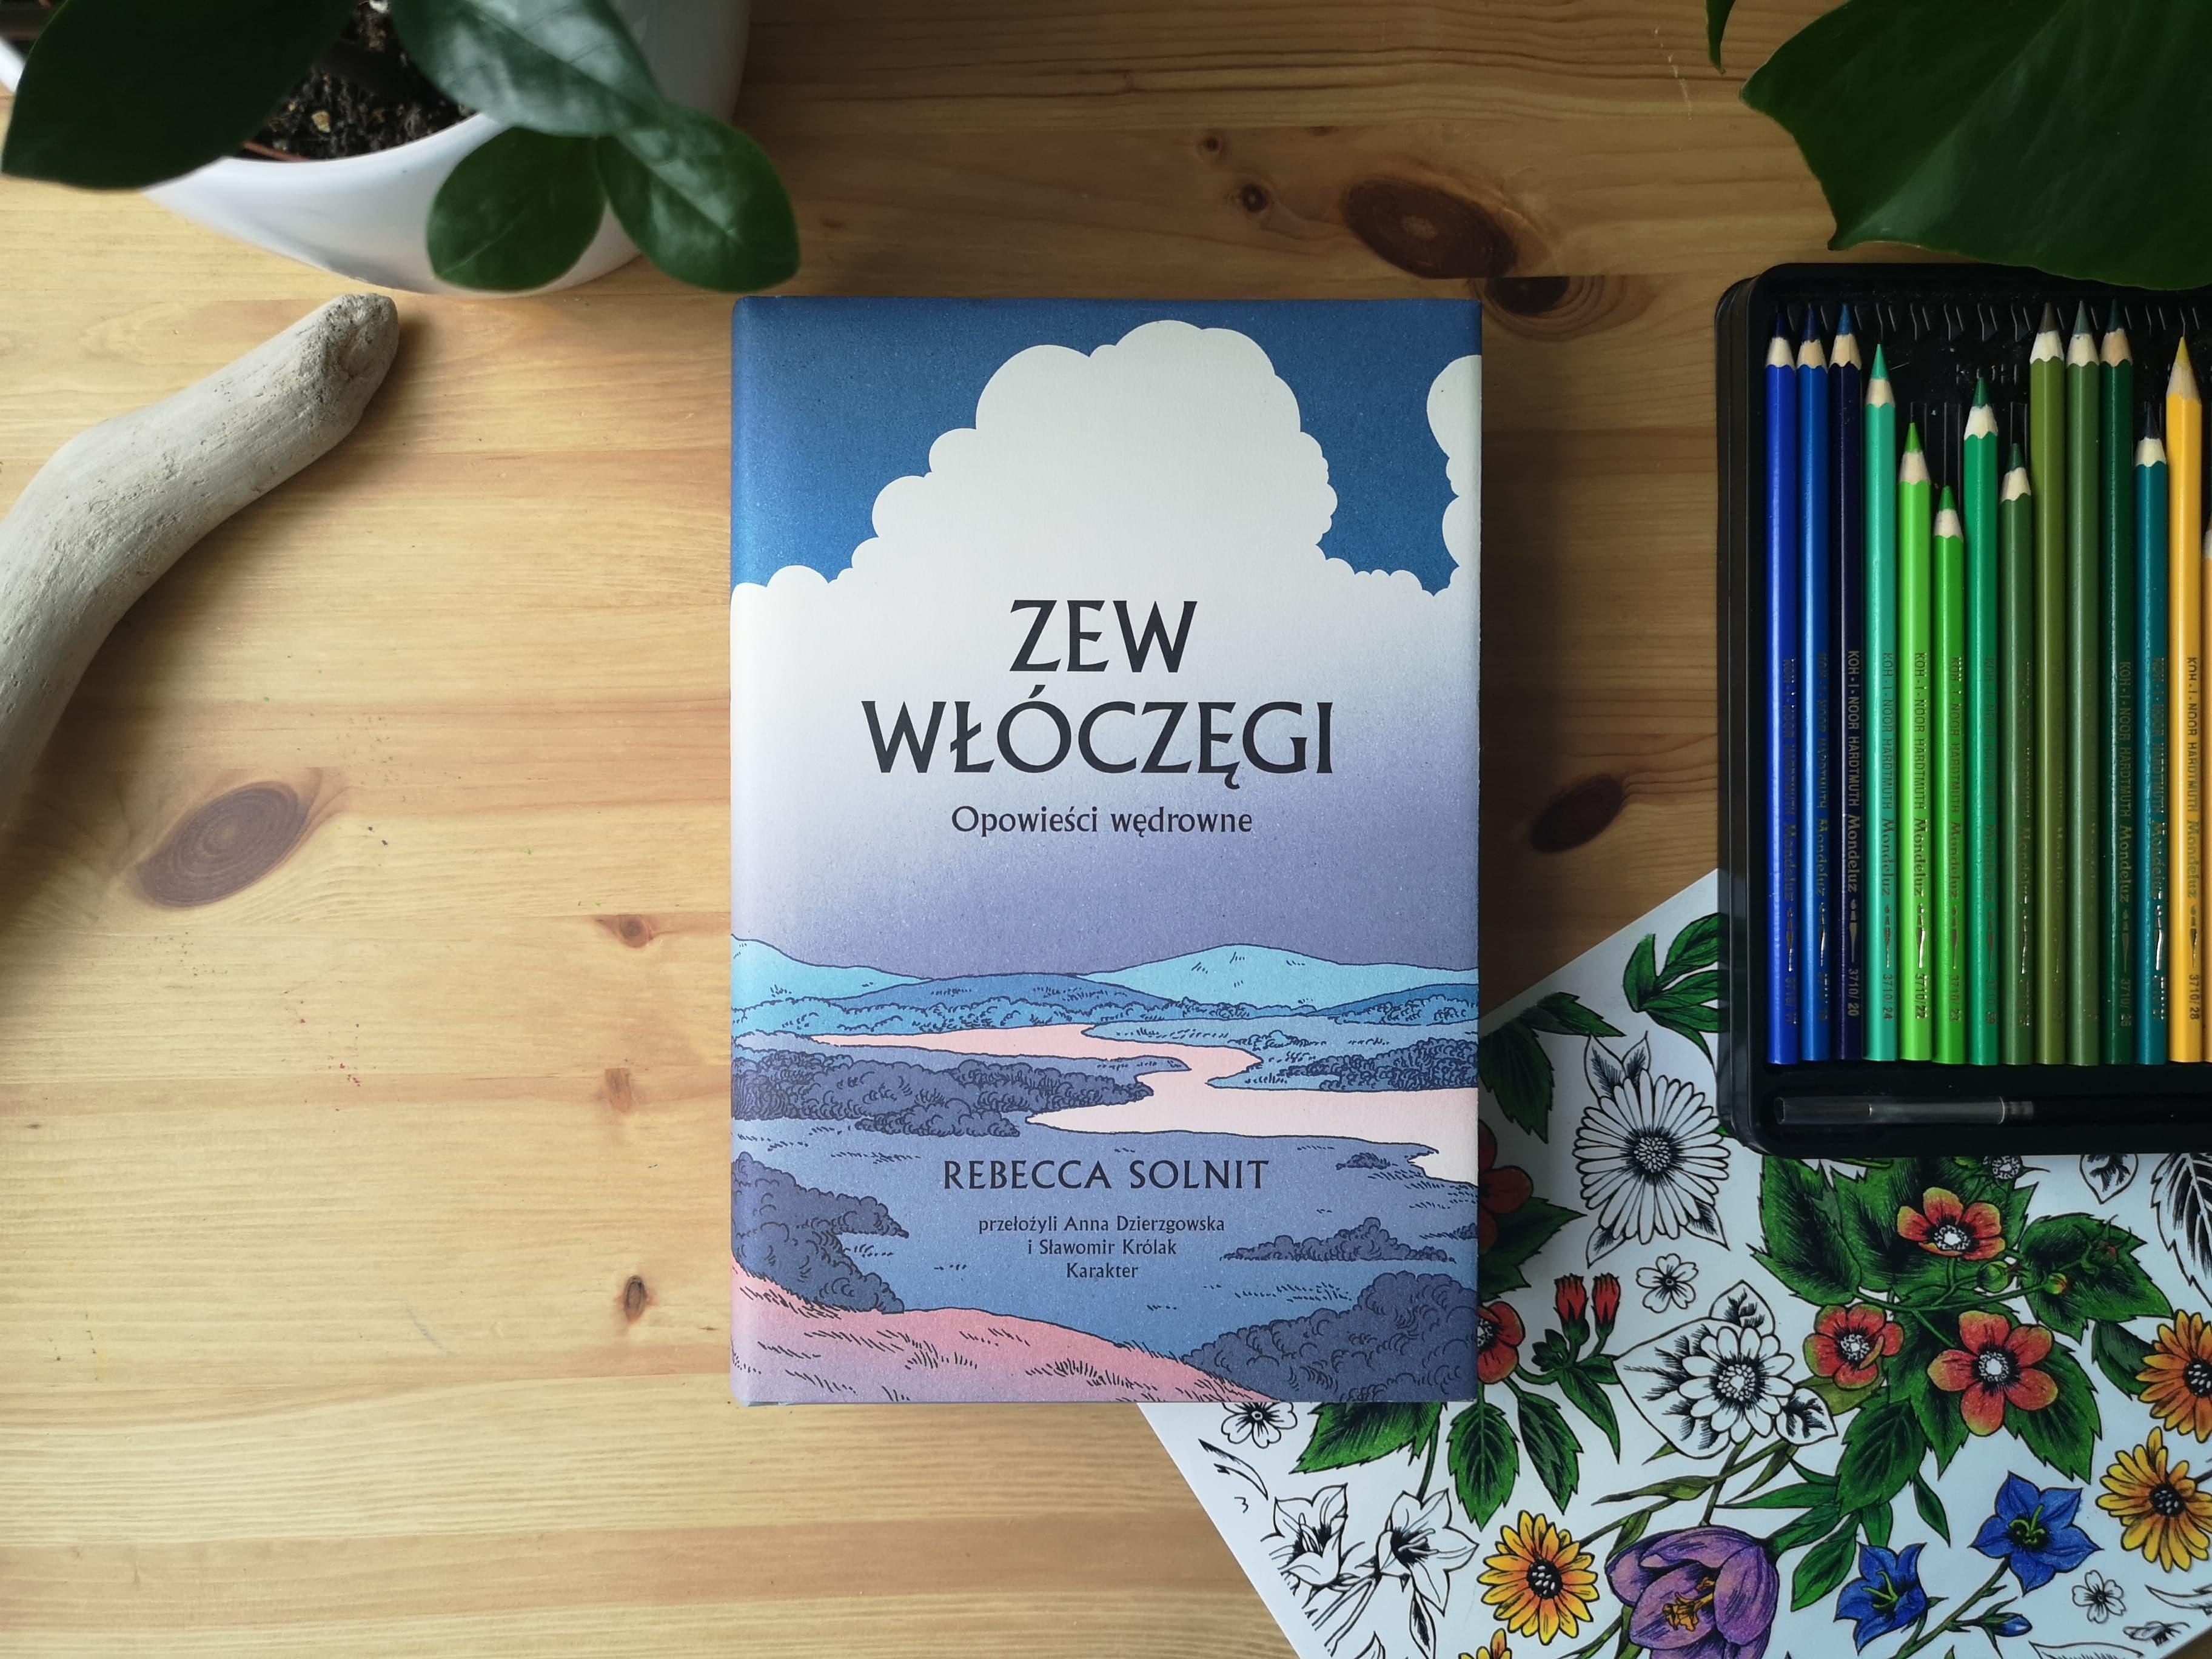 """""""Zew włóczęgi"""" Rebecka Solnit. Fot. Archiwum Biblioteki Gdynia"""